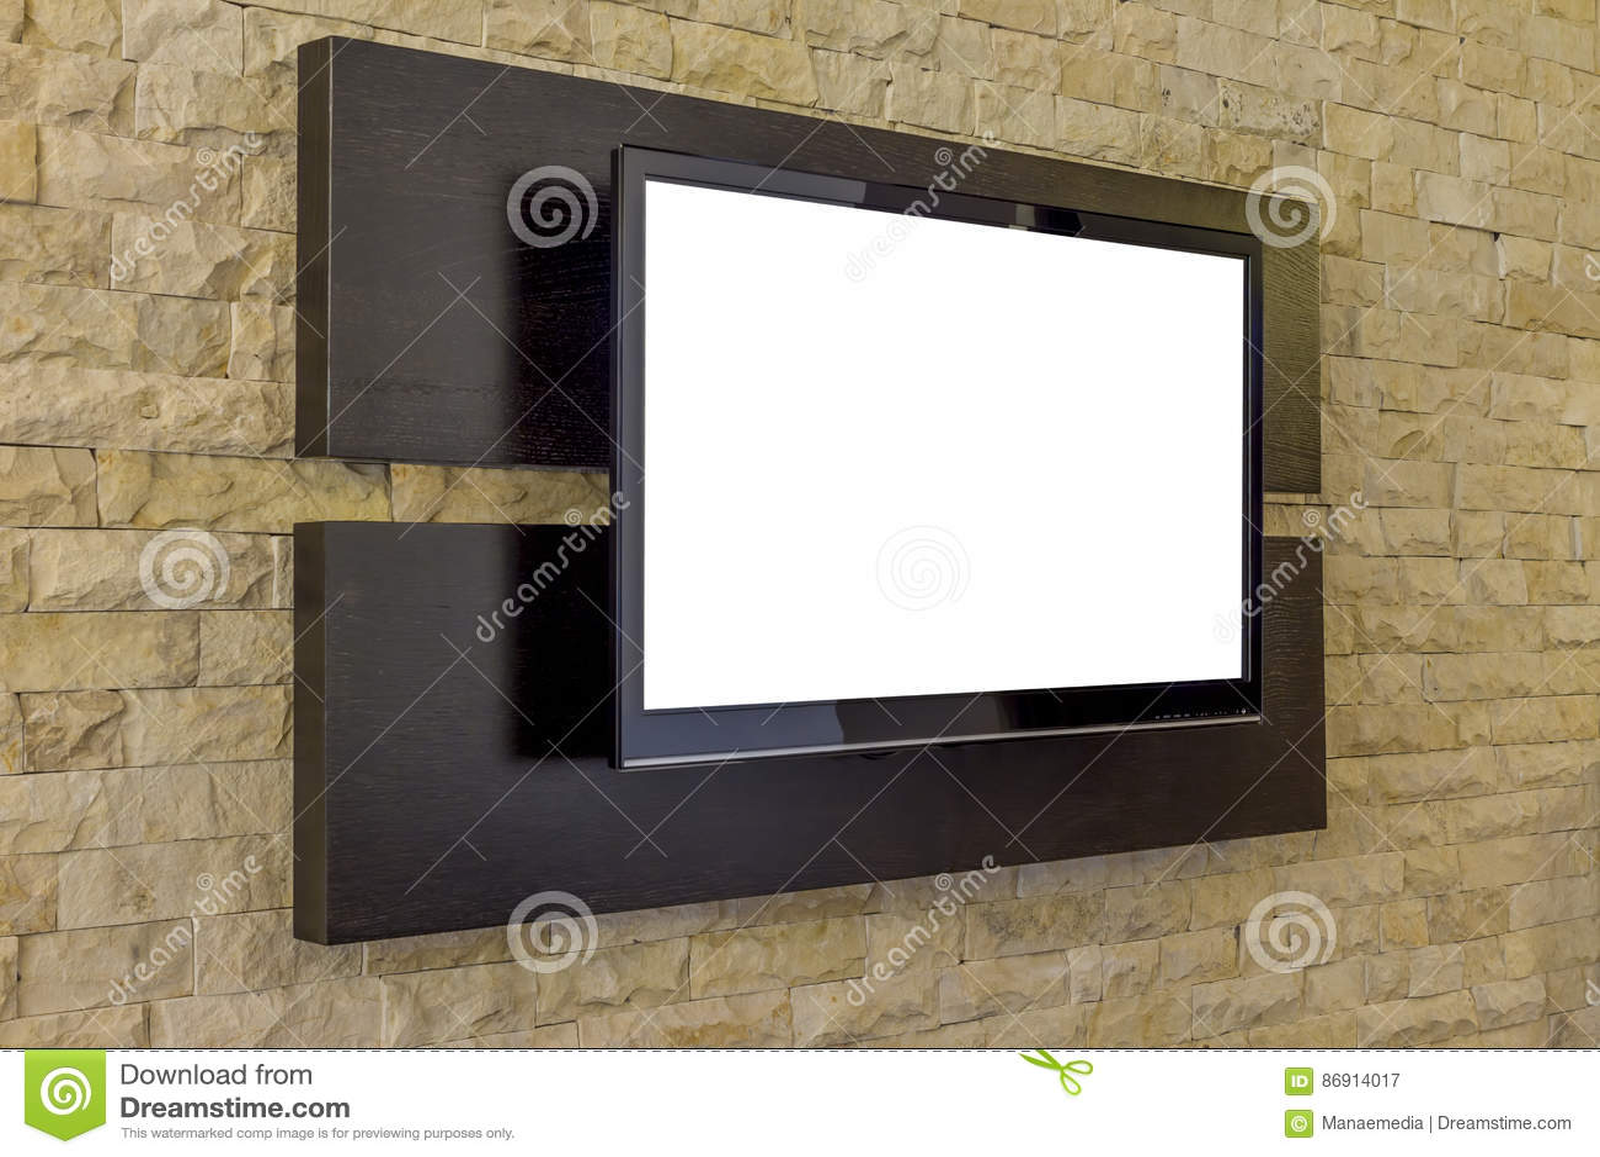 Tv In Muur : Tv op bakstenen muur stock afbeelding afbeelding bestaande uit